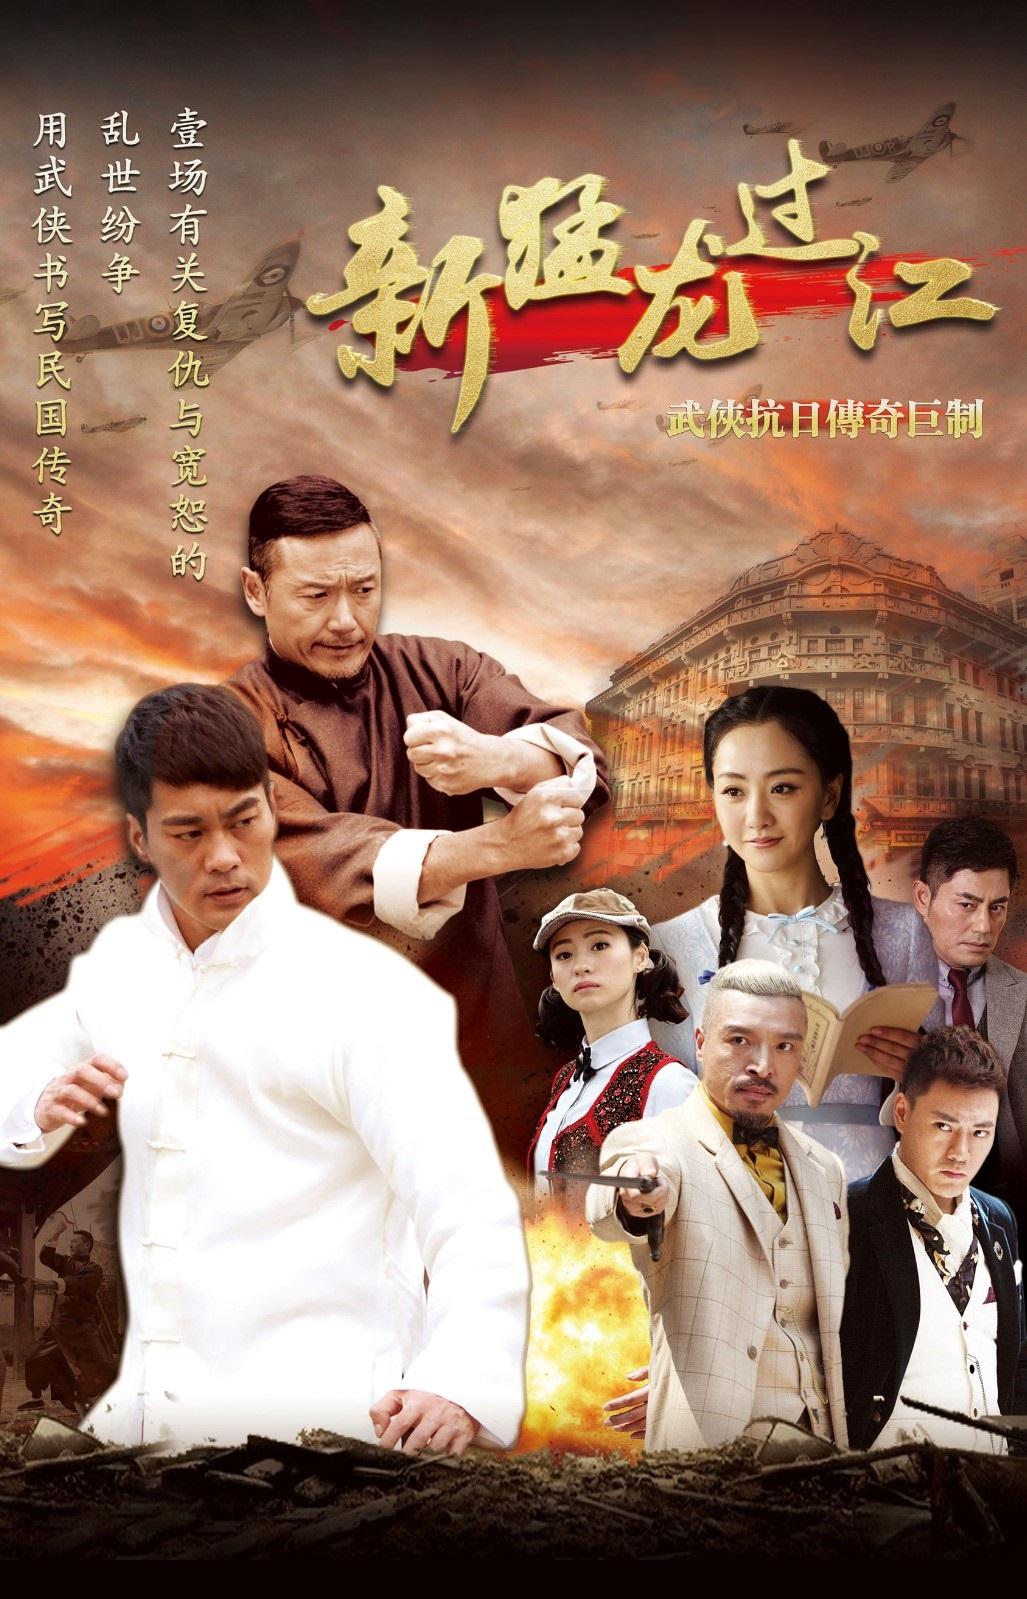 Tân Mãnh Long Quá Giang - Way Of The Dragon